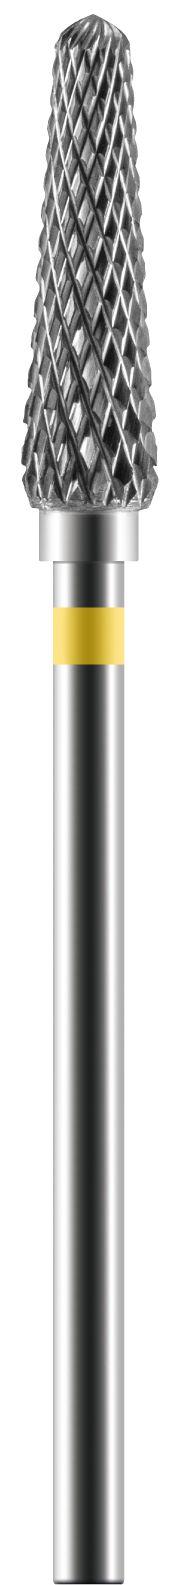 Broca de Tungstênio Minicut - Cruzado Extra Fino - Tronco Cônica -  5730.040Hp - 90723